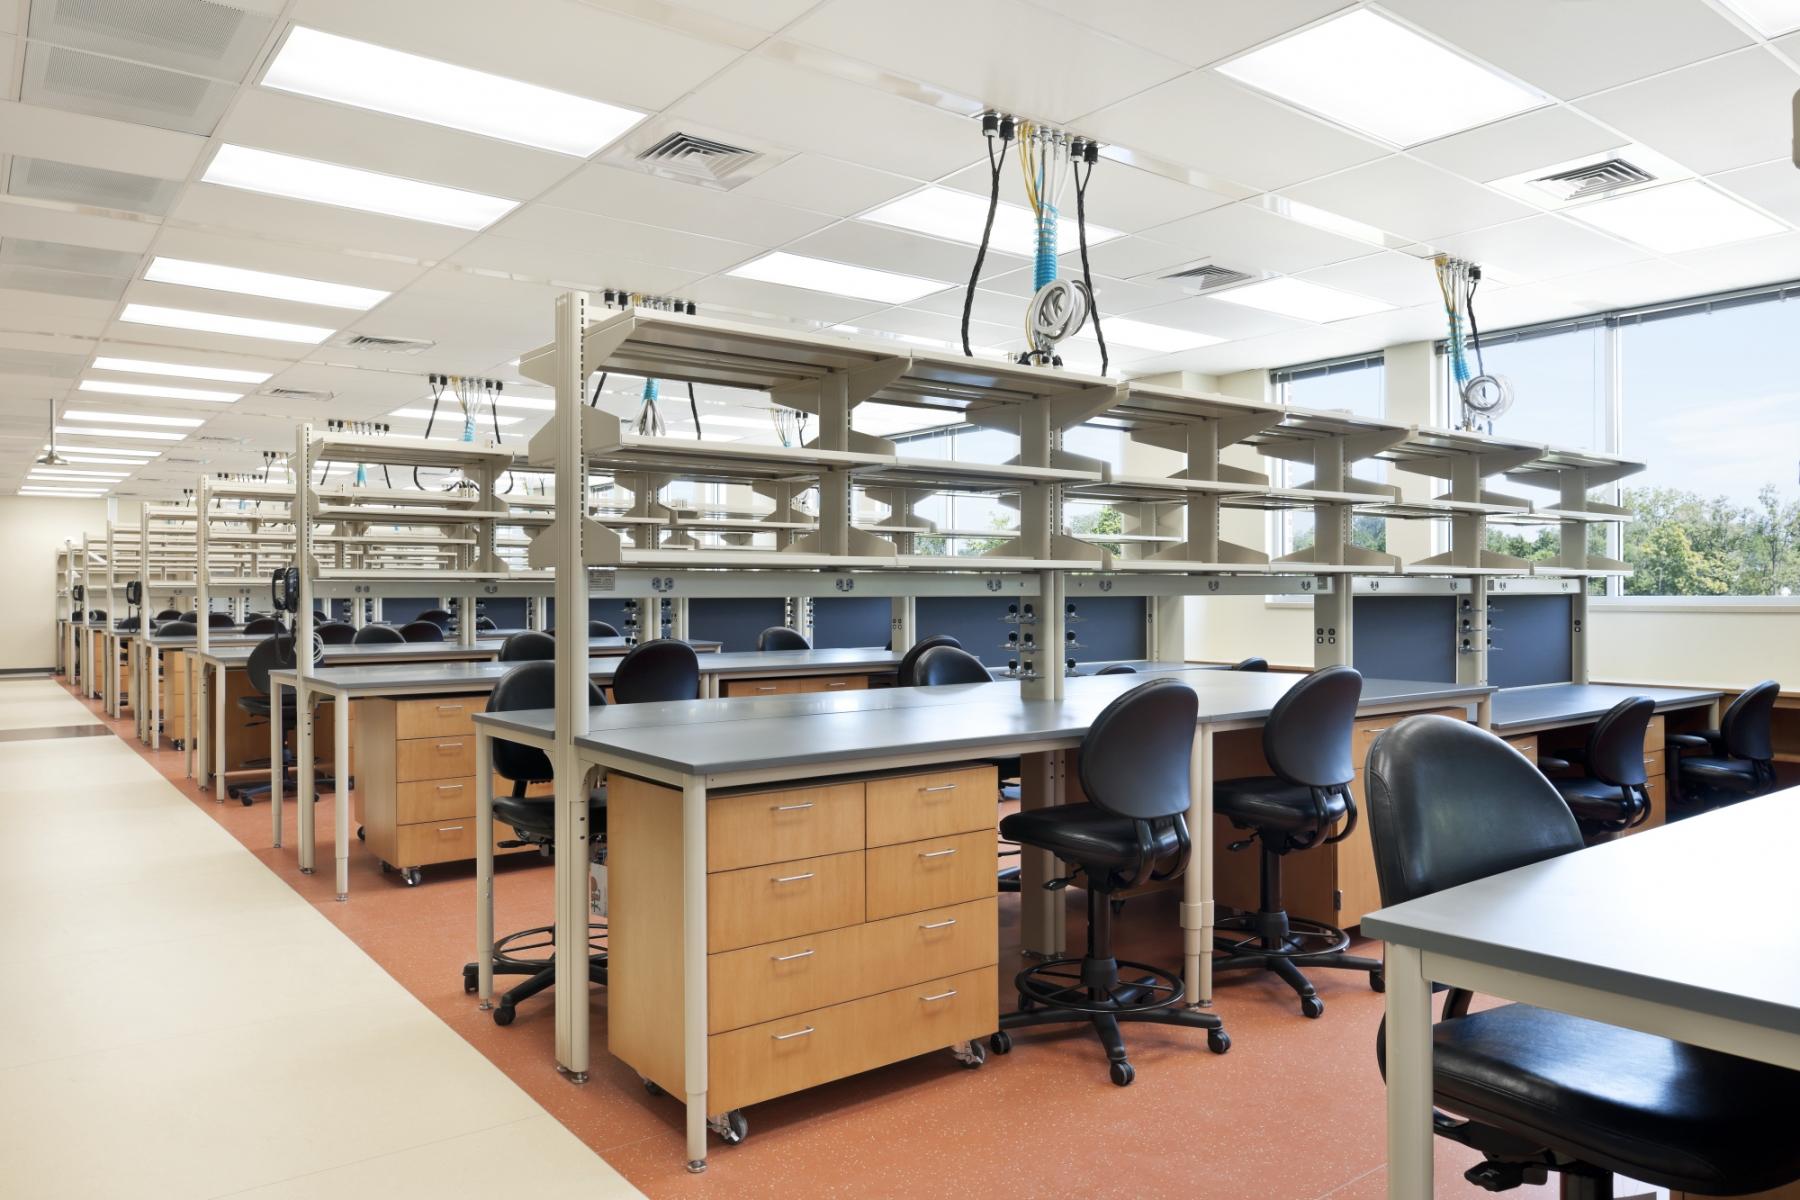 VTC-med-school-lab-space